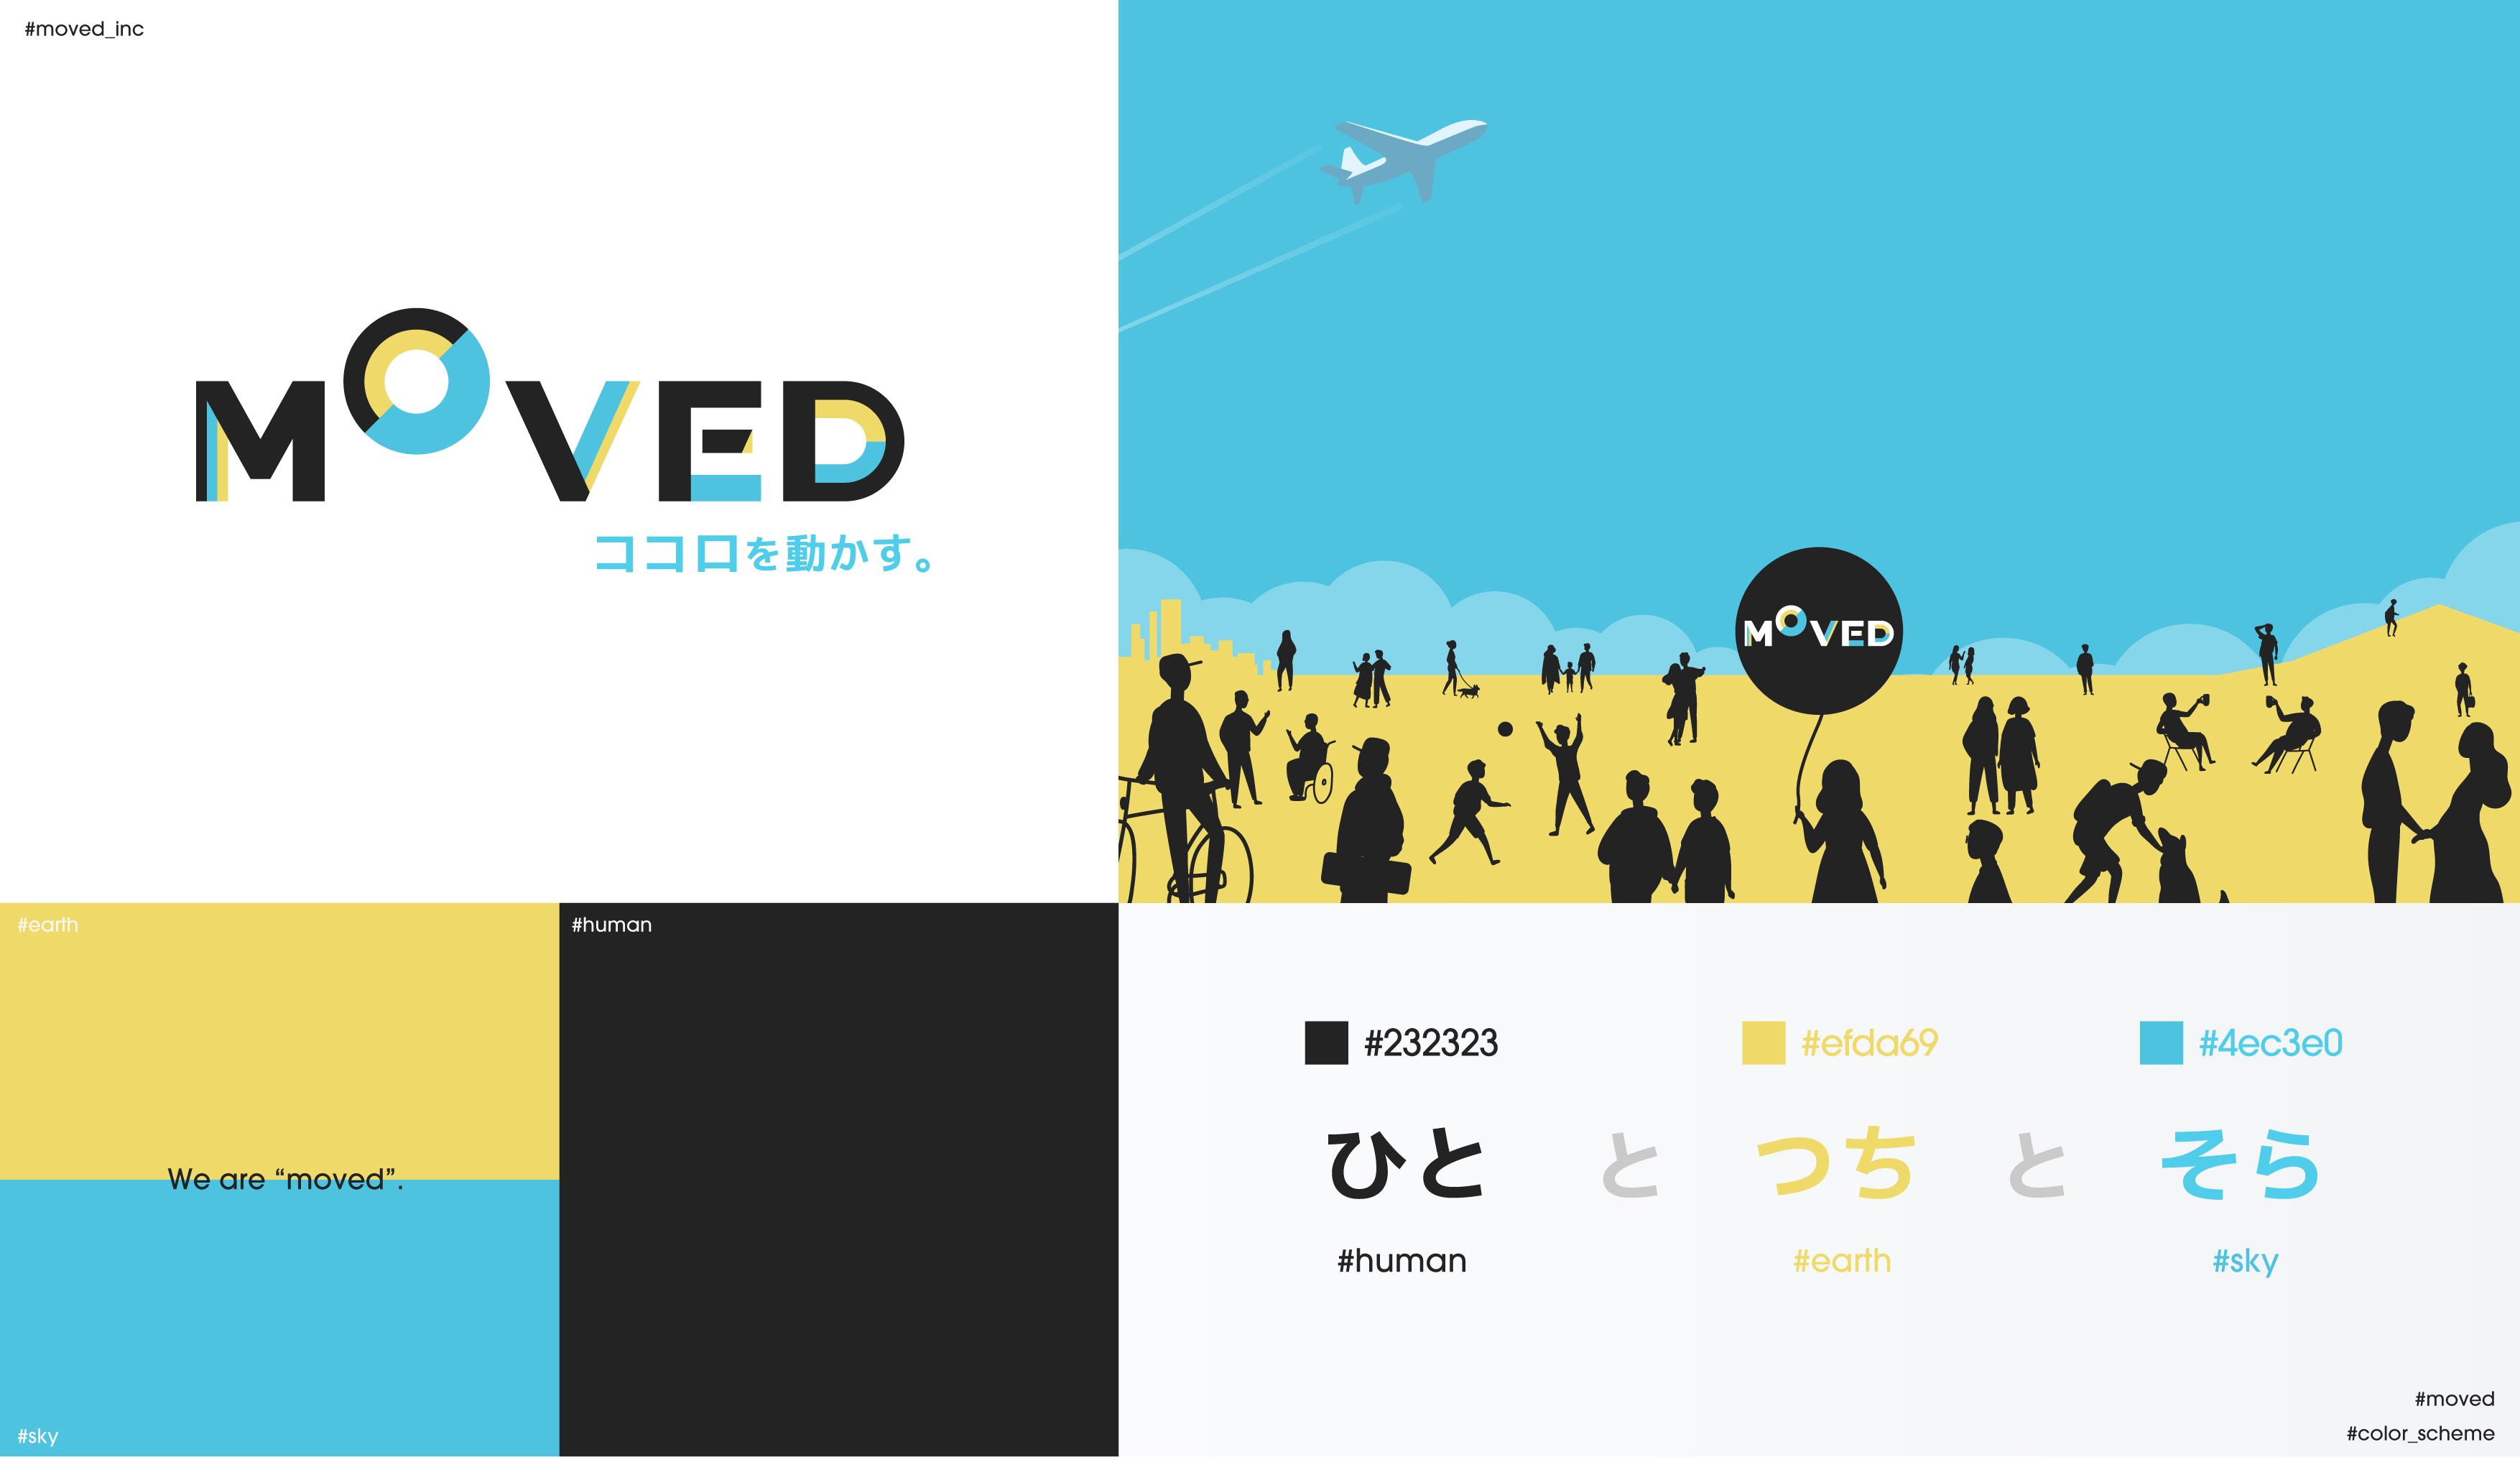 【デザイン】MOVEDのロゴマーク誕生秘話。黒、青、黄色に込められた想い